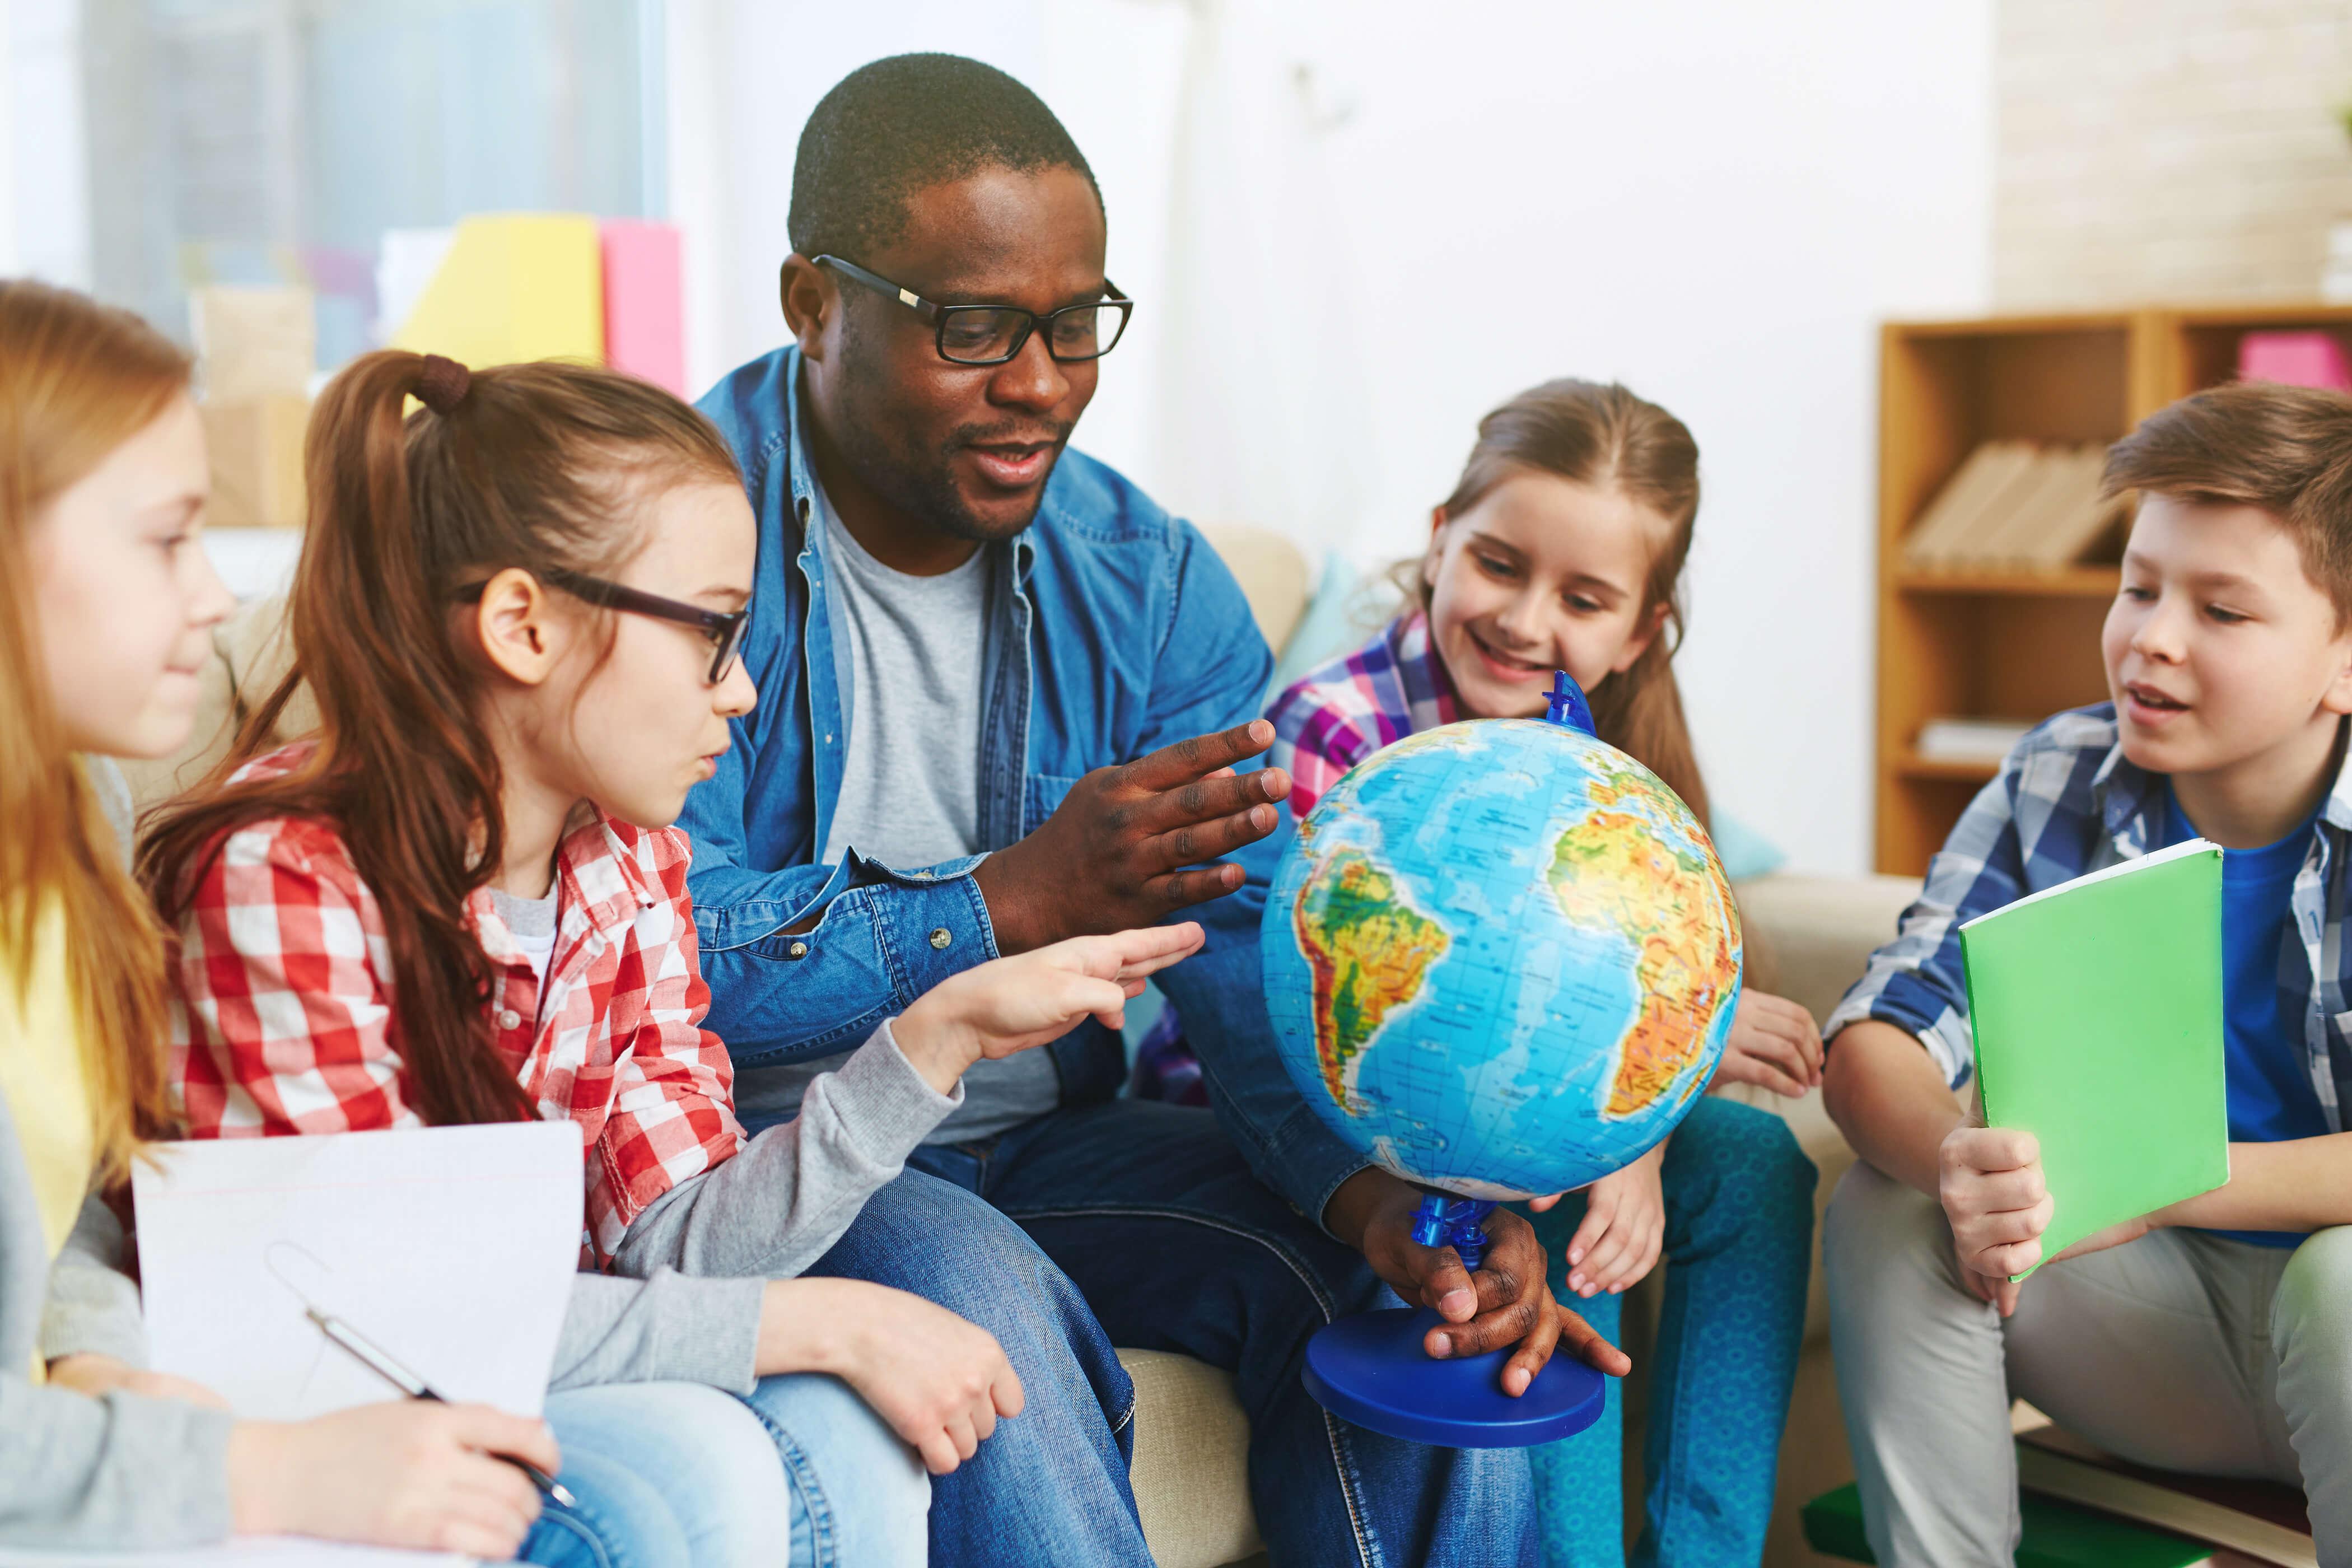 4 Tips for Better Classroom Behavior